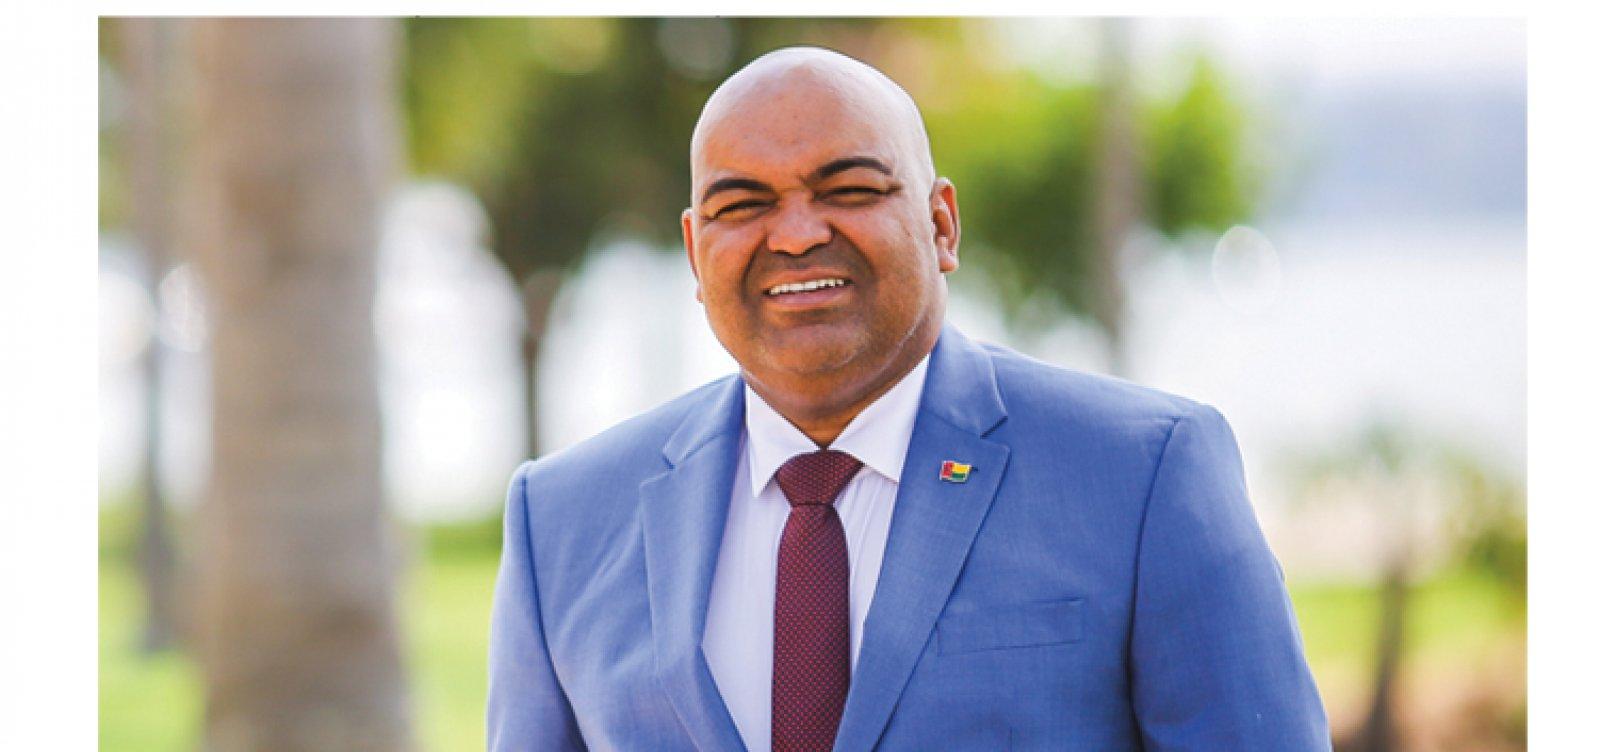 Operação Faroeste: Falso cônsul gastava milhões com shows e virou cidadão de Salvador